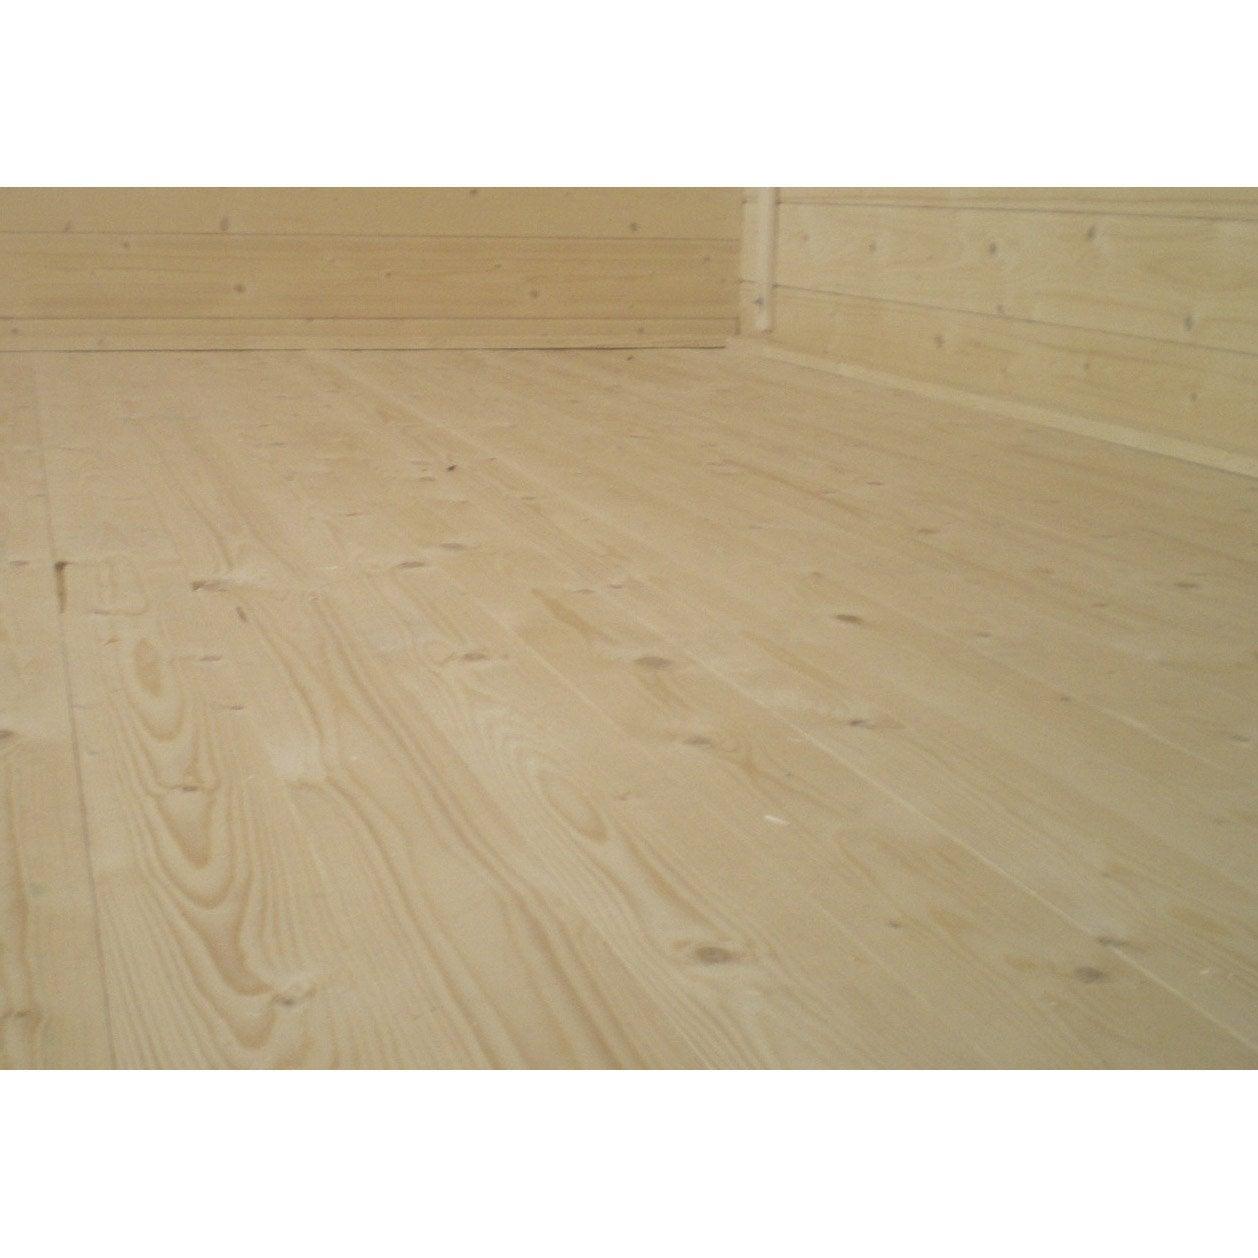 plancher en bois pour abri de jardin karpa luoman l 254 x h 1 6 x p 254cm leroy merlin. Black Bedroom Furniture Sets. Home Design Ideas